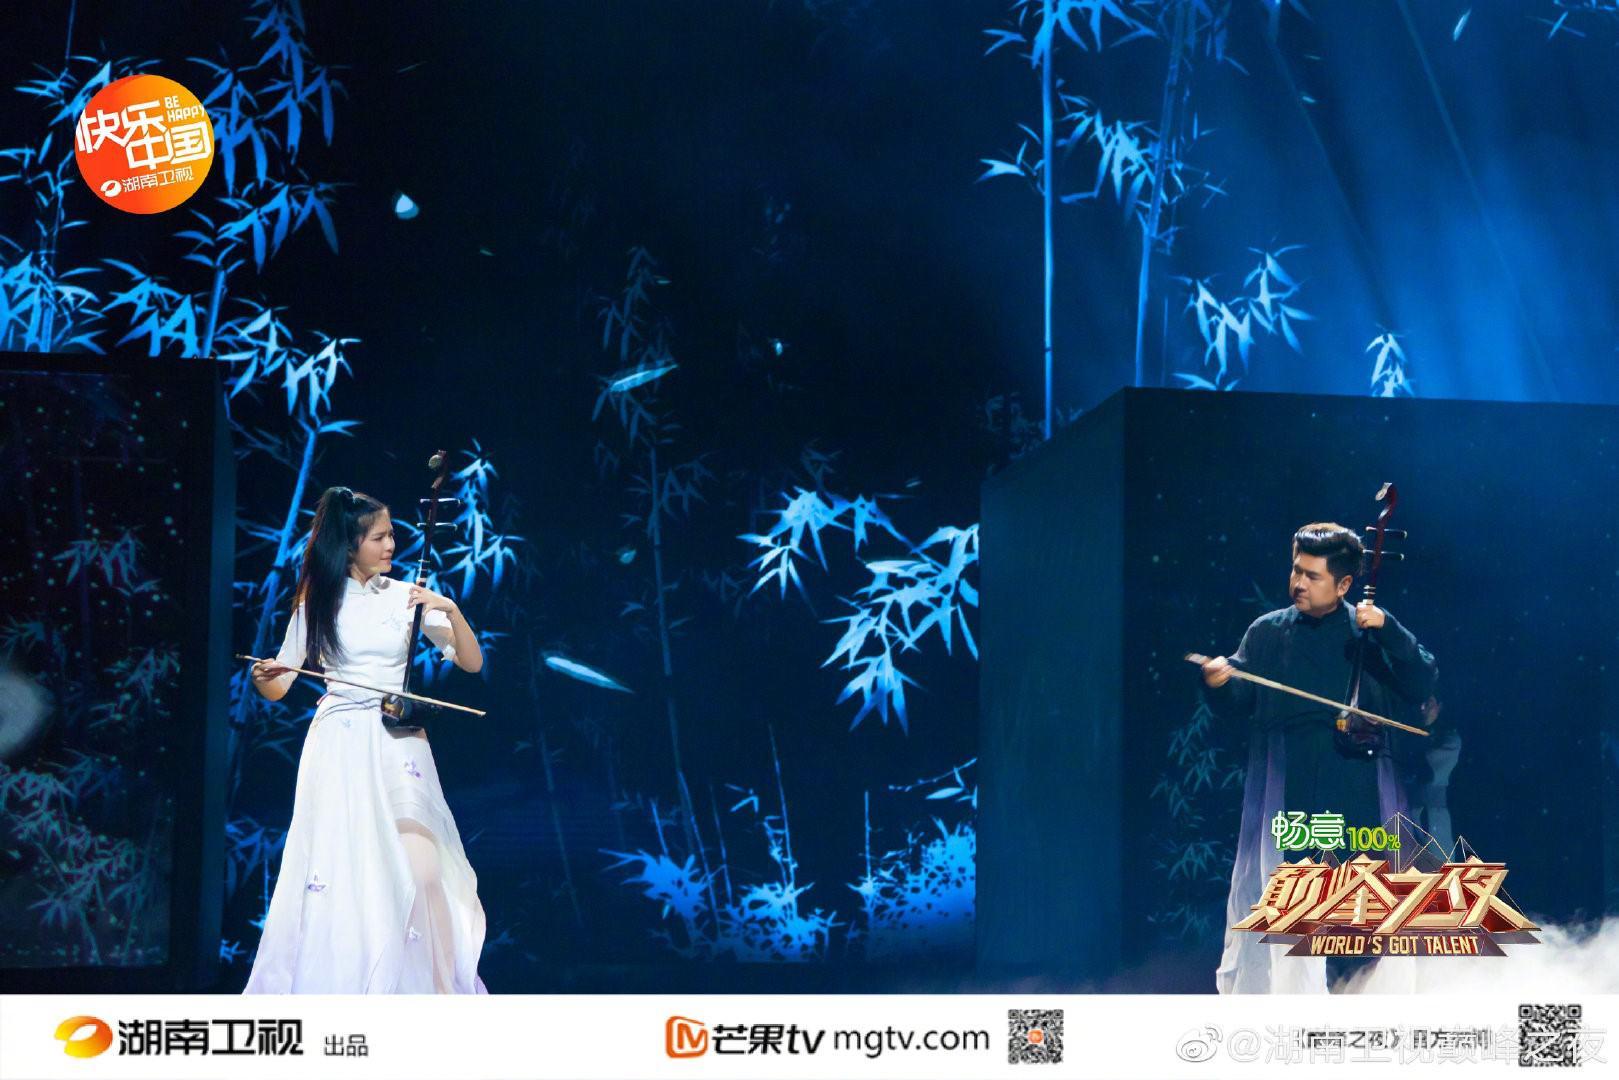 15岁少女陈依妙《巅峰之夜》被赞未来国宝级演奏家 (2).jpg